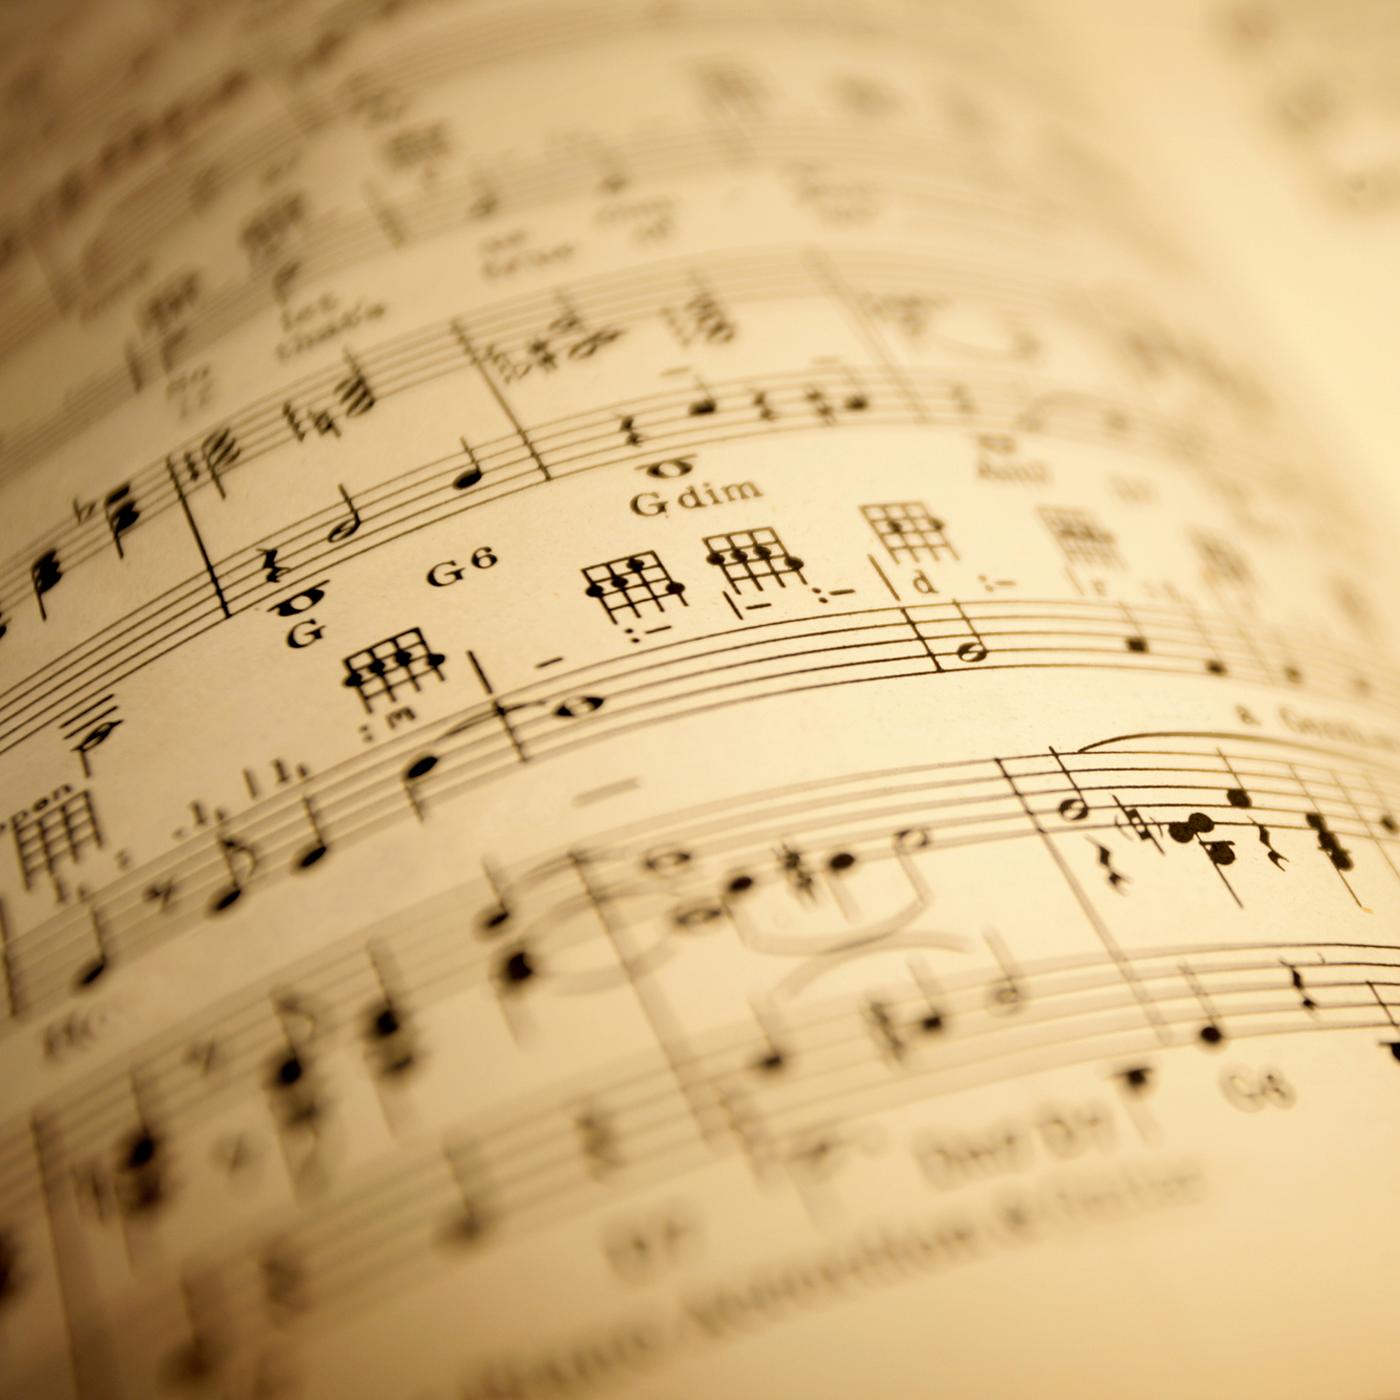 easy classical on classicalradio com classicalradio com